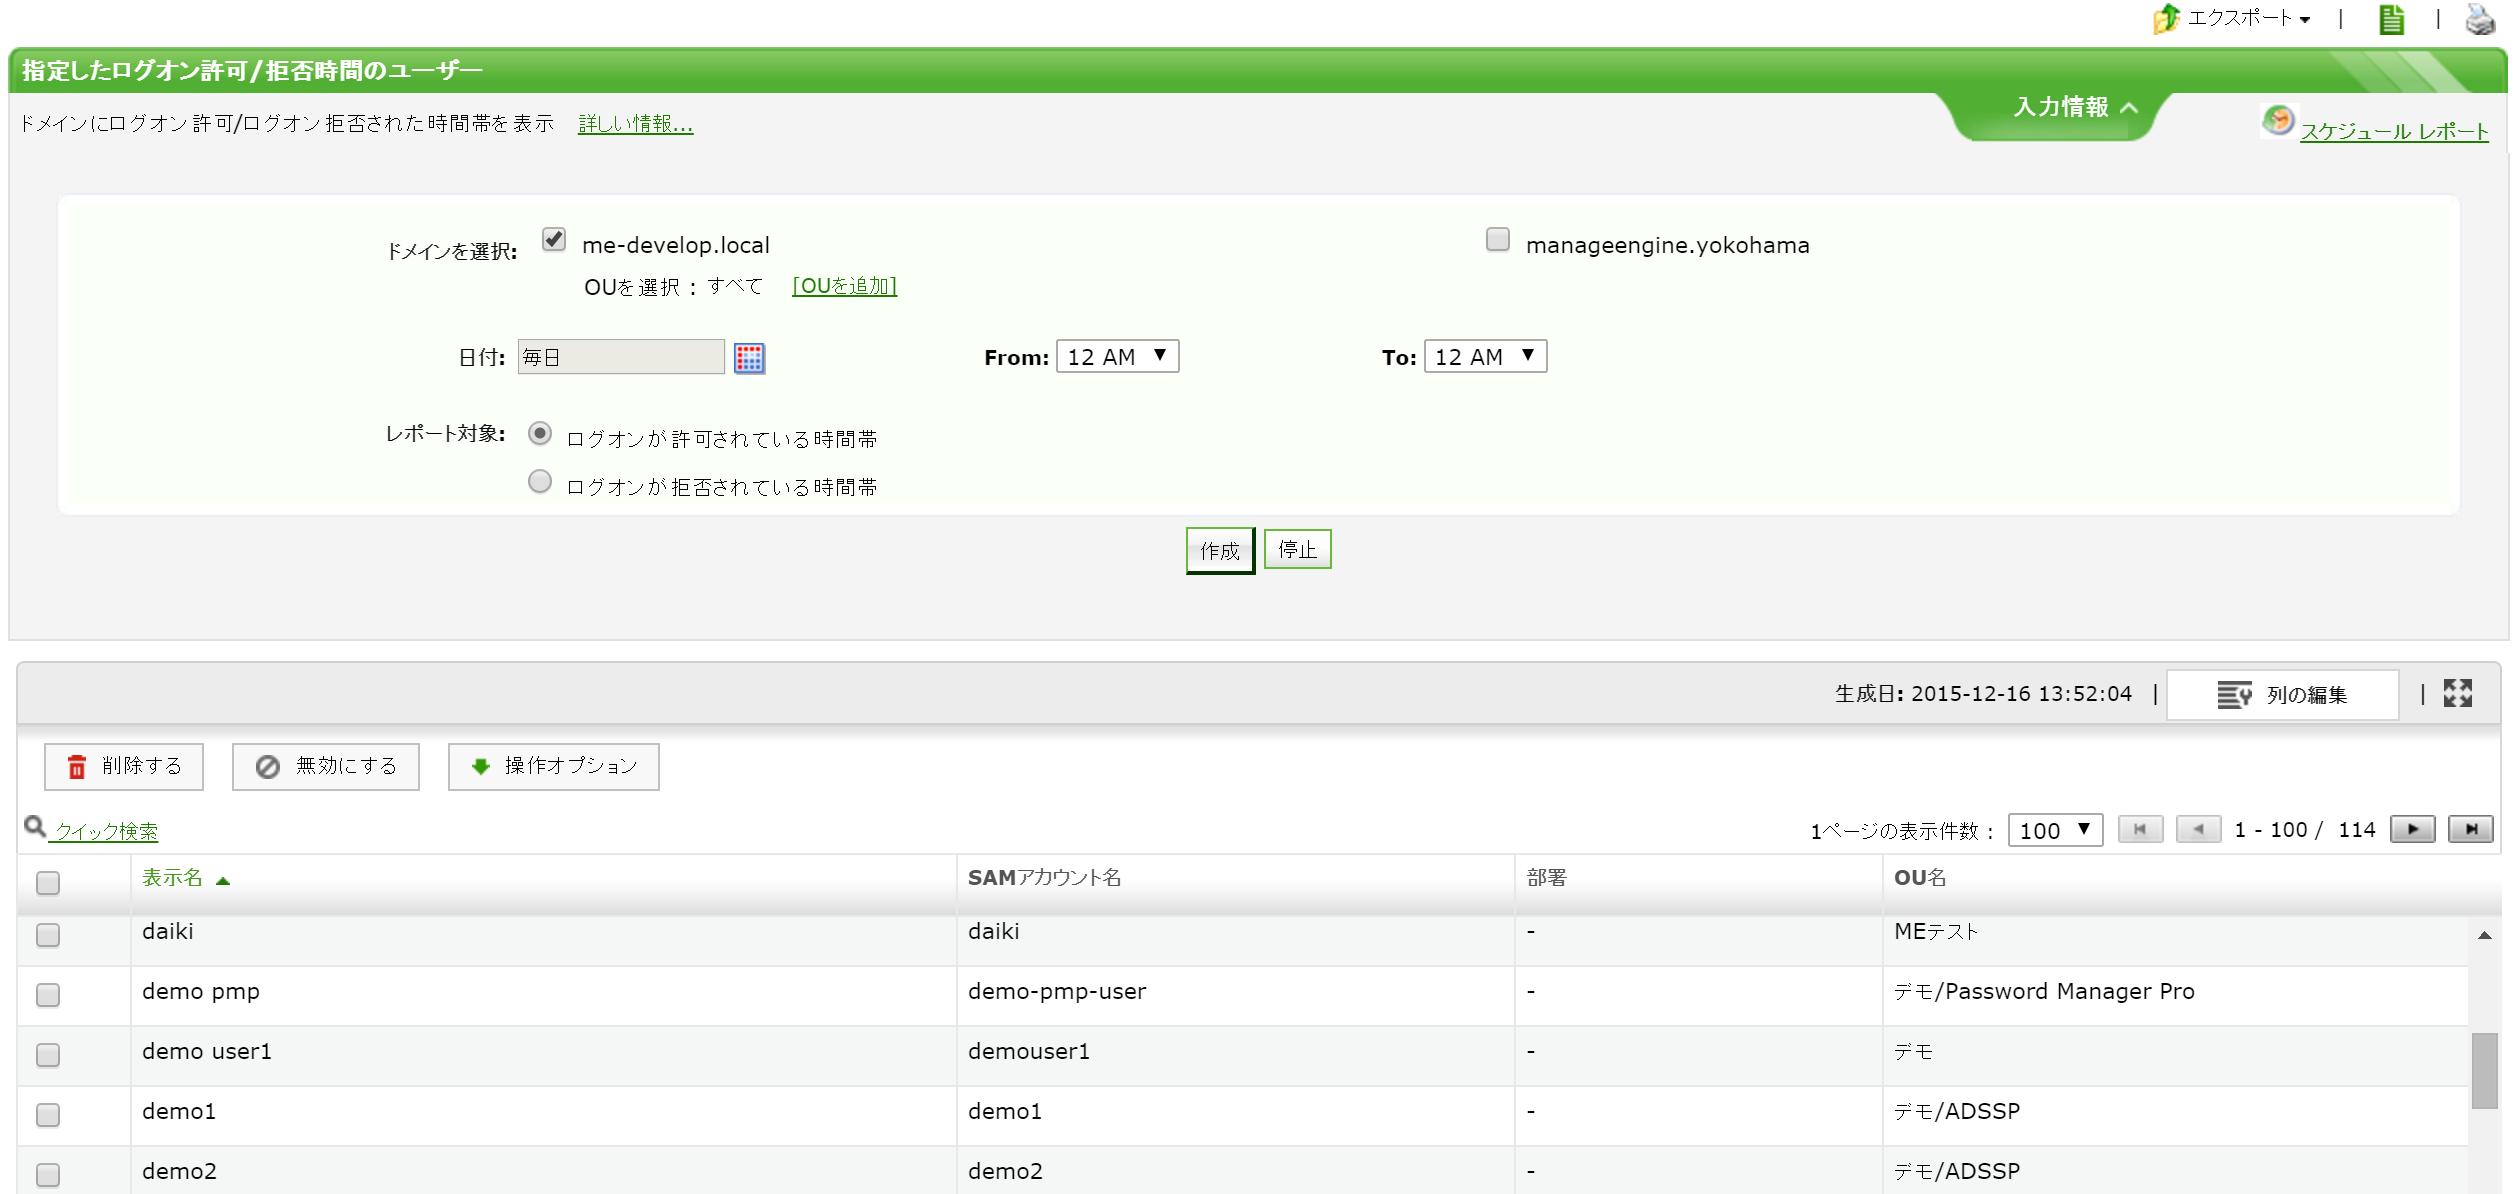 指定したログオン許可/拒否時間のユーザーのレポート